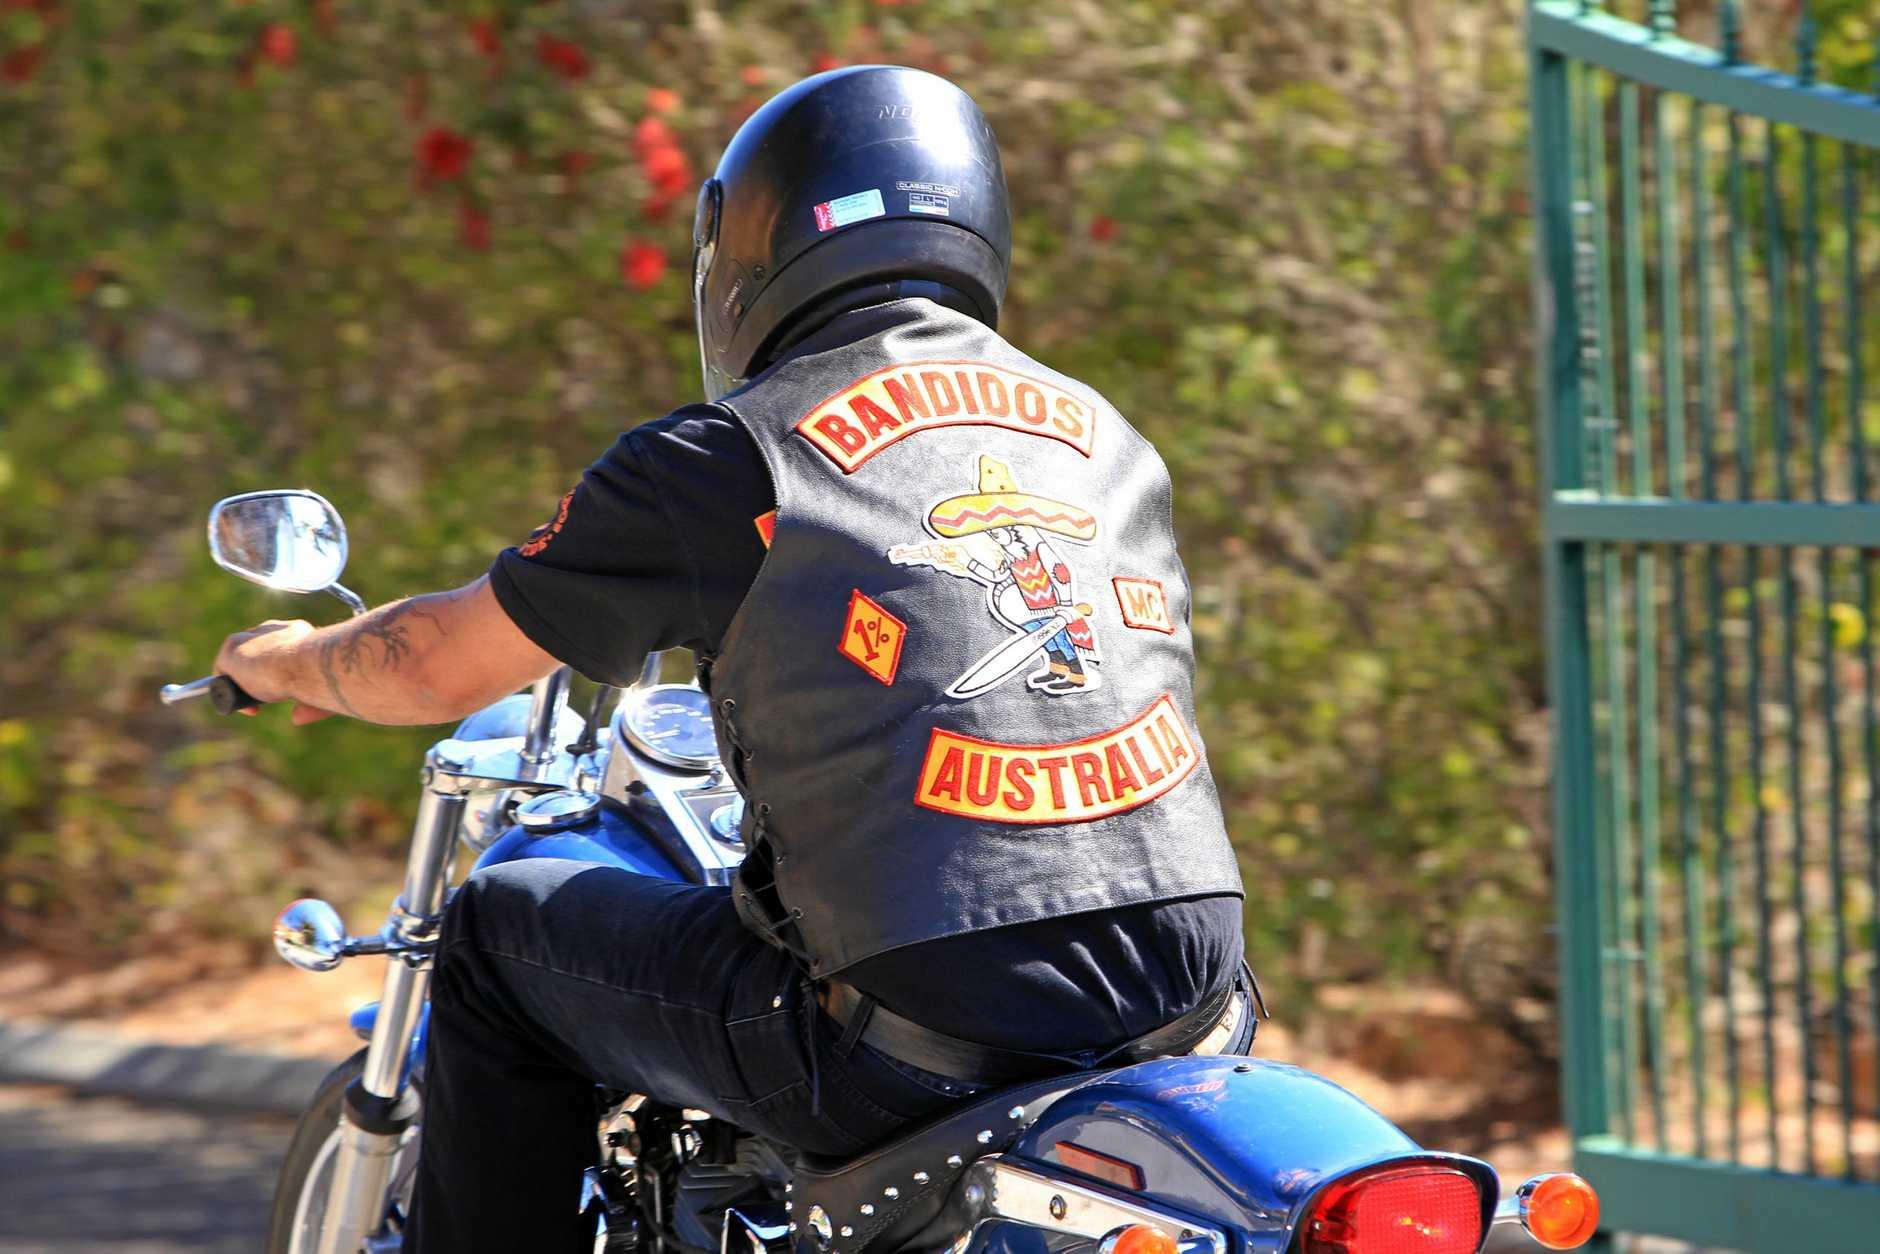 A Bandidos Motorcycle Gang rider